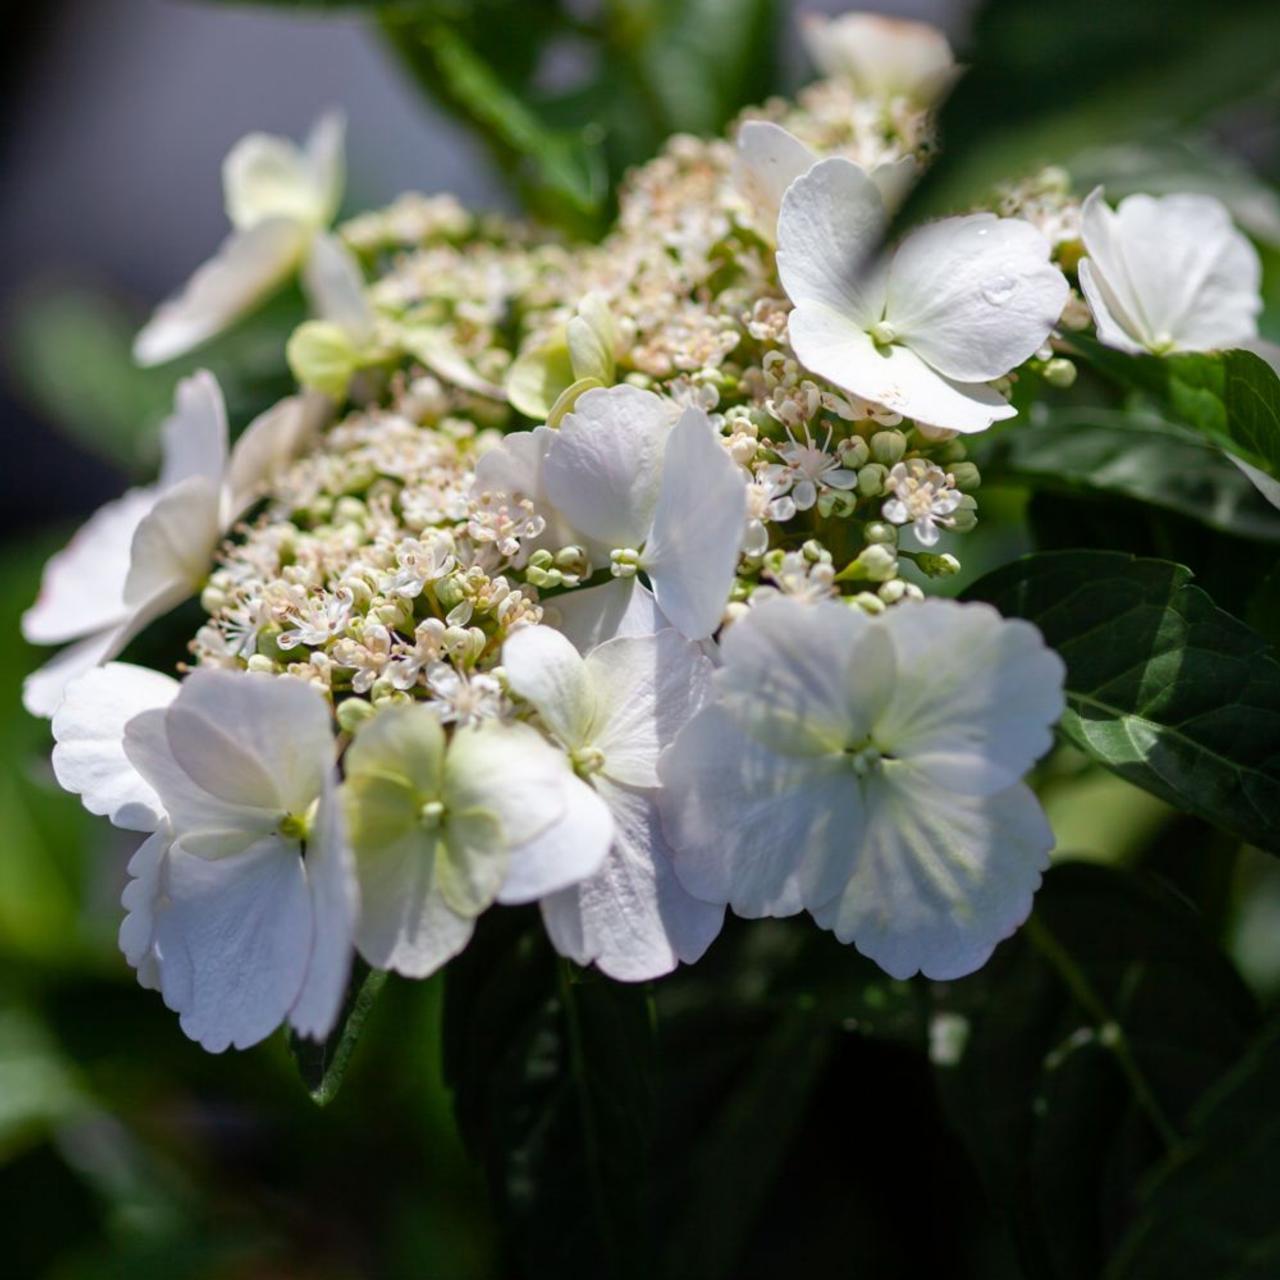 Hydrangea 'Runaway Bride' plant